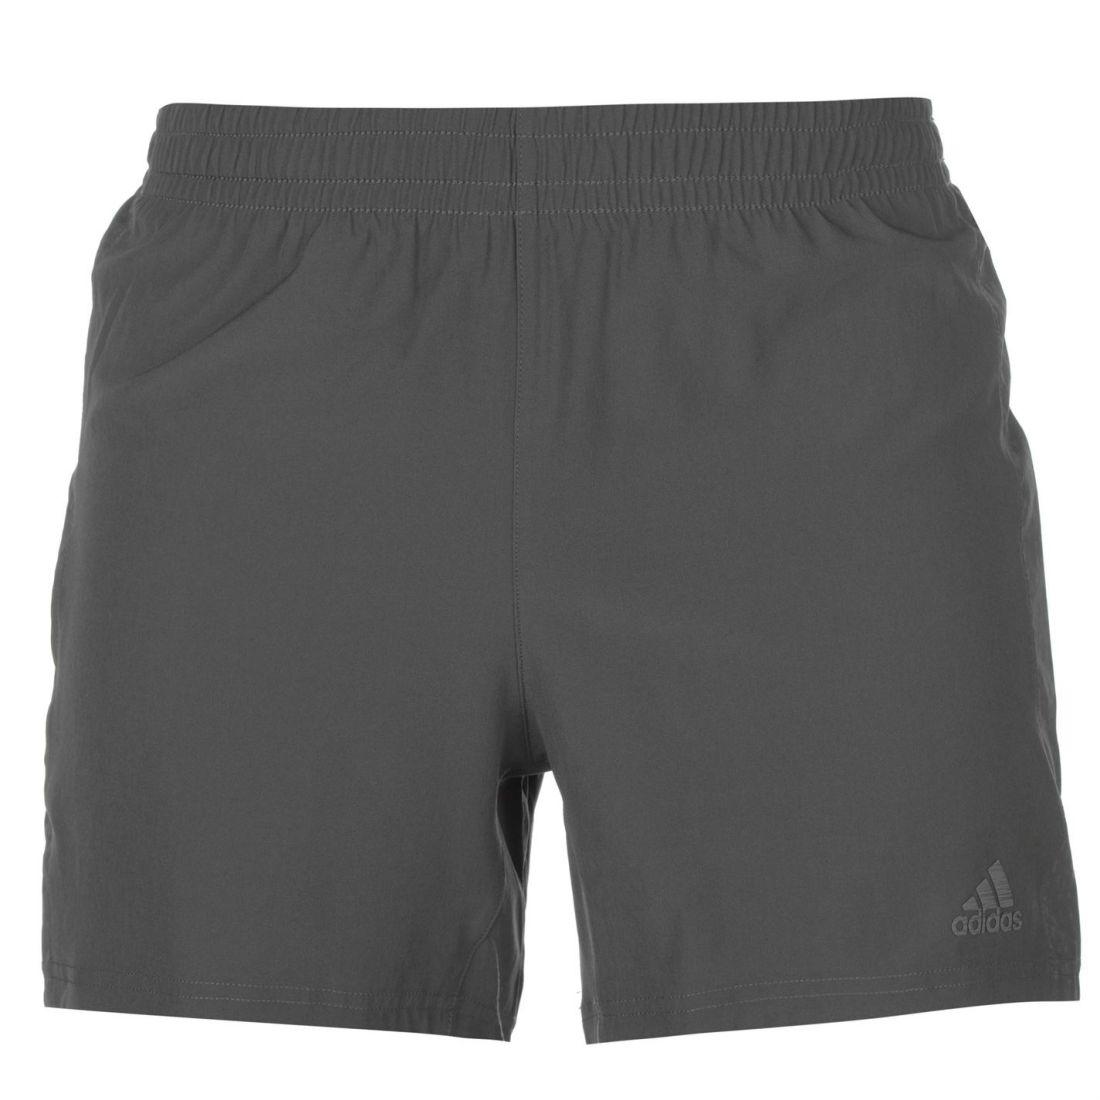 1daf216b2 adidas-Mens-Gents-Supernova-Shorts-Zipped-Clothing thumbnail 6